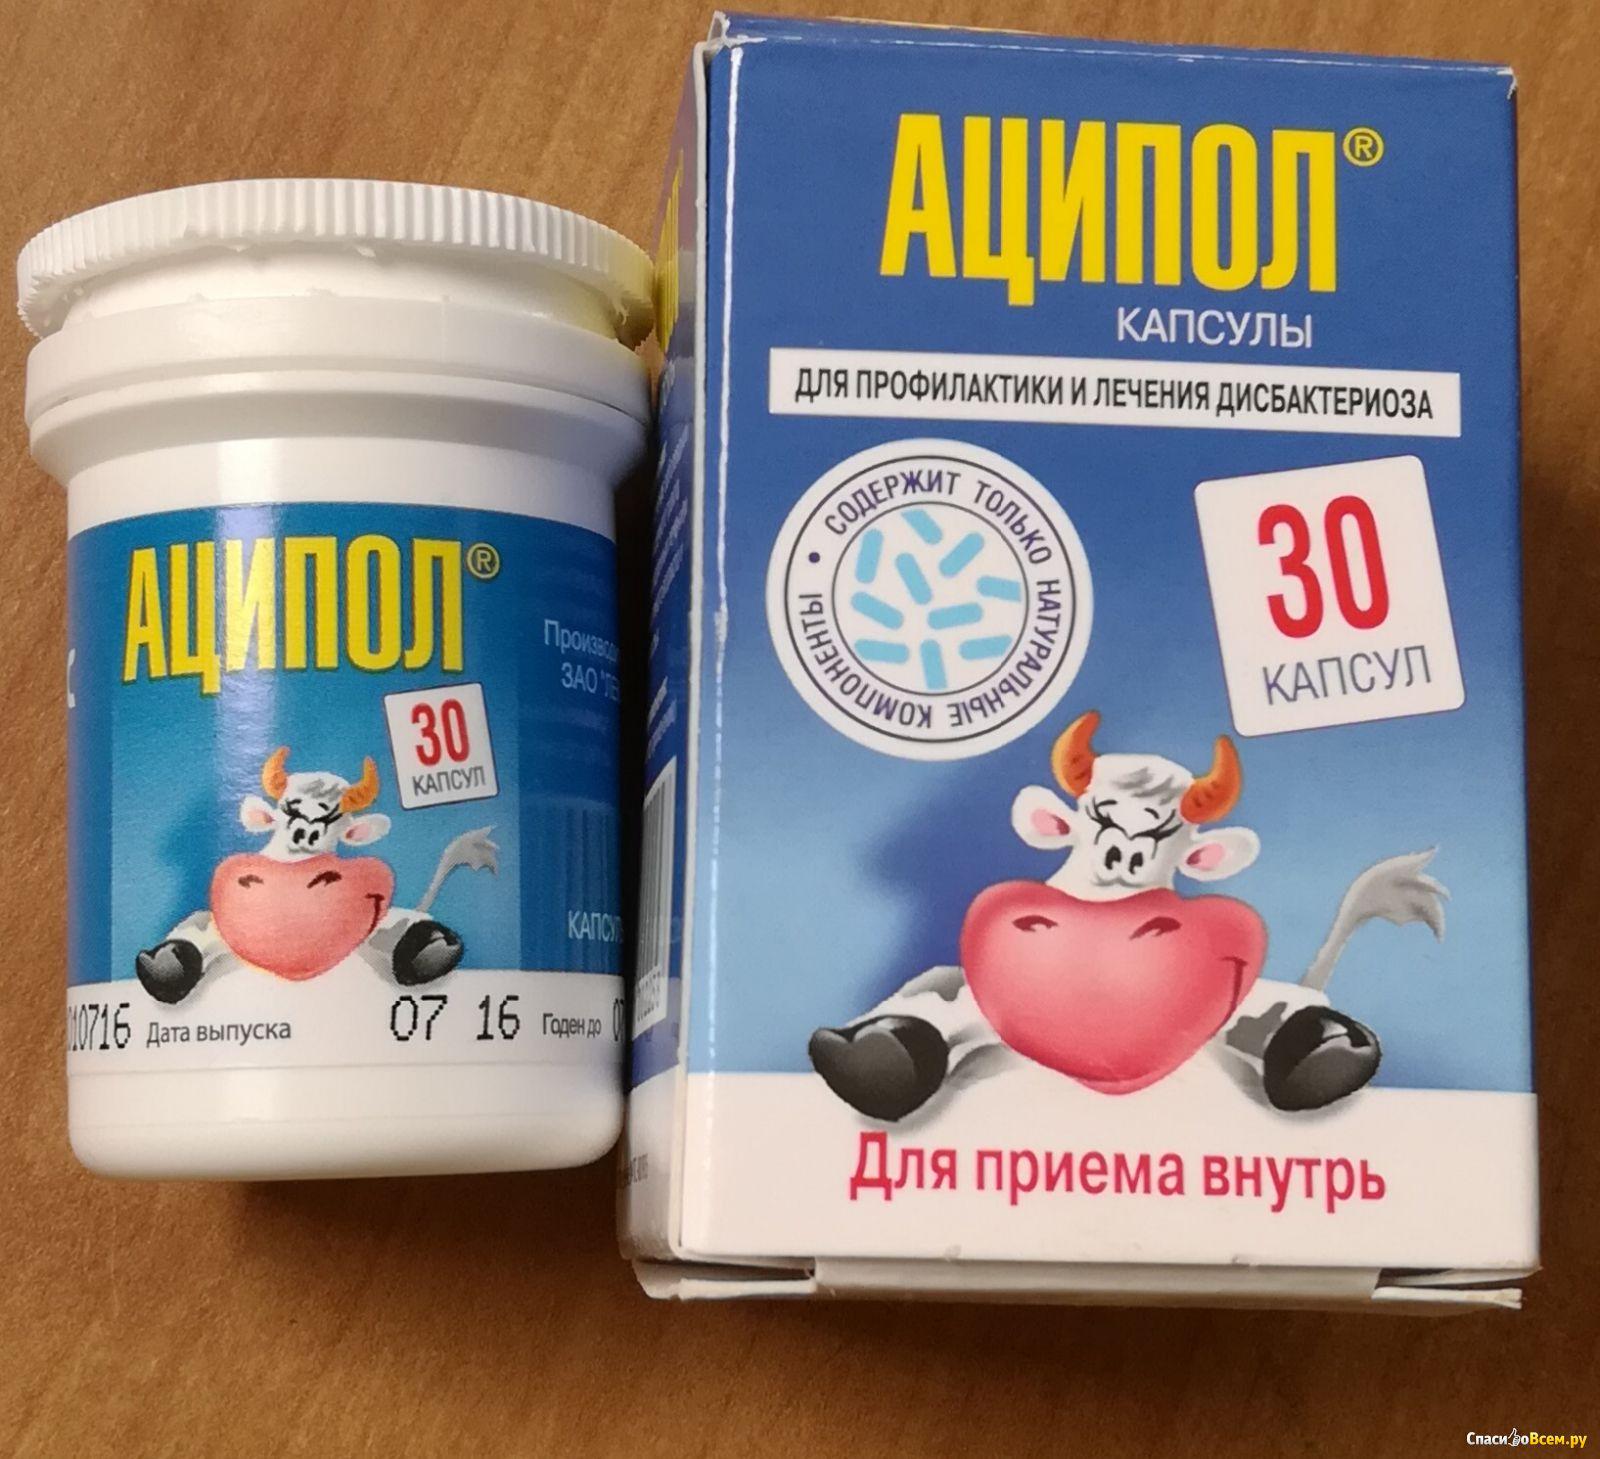 Аципол для детей: как давать лекарство ребенку